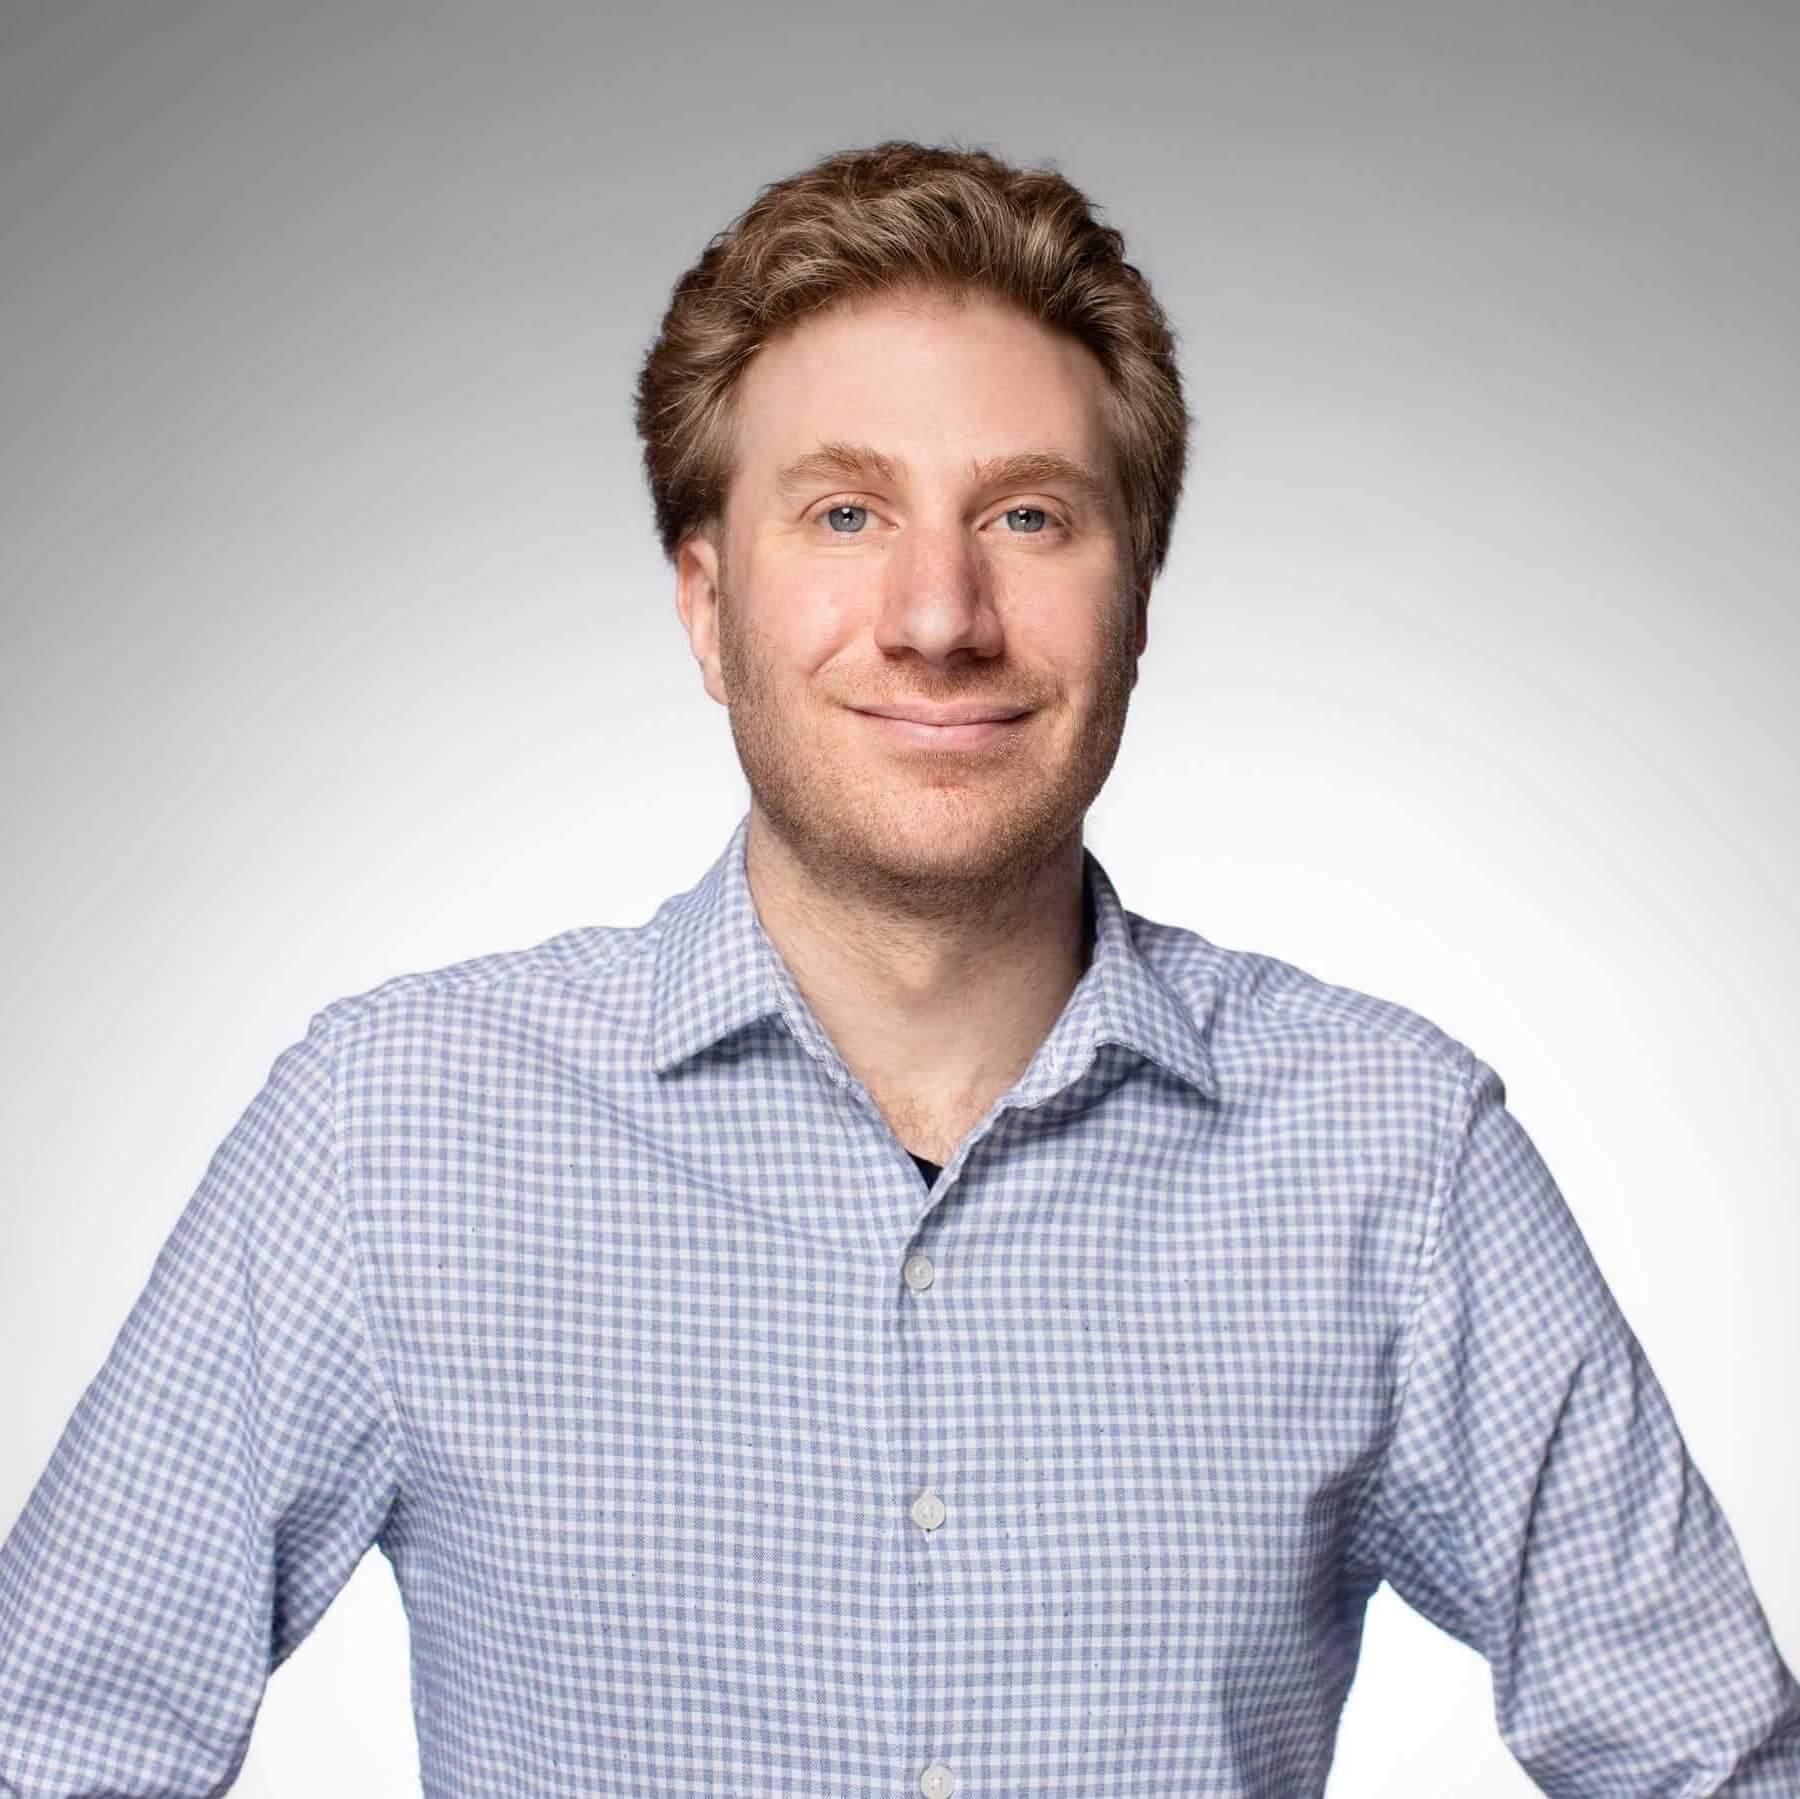 Jared Friedman - Partner at Y Combinator